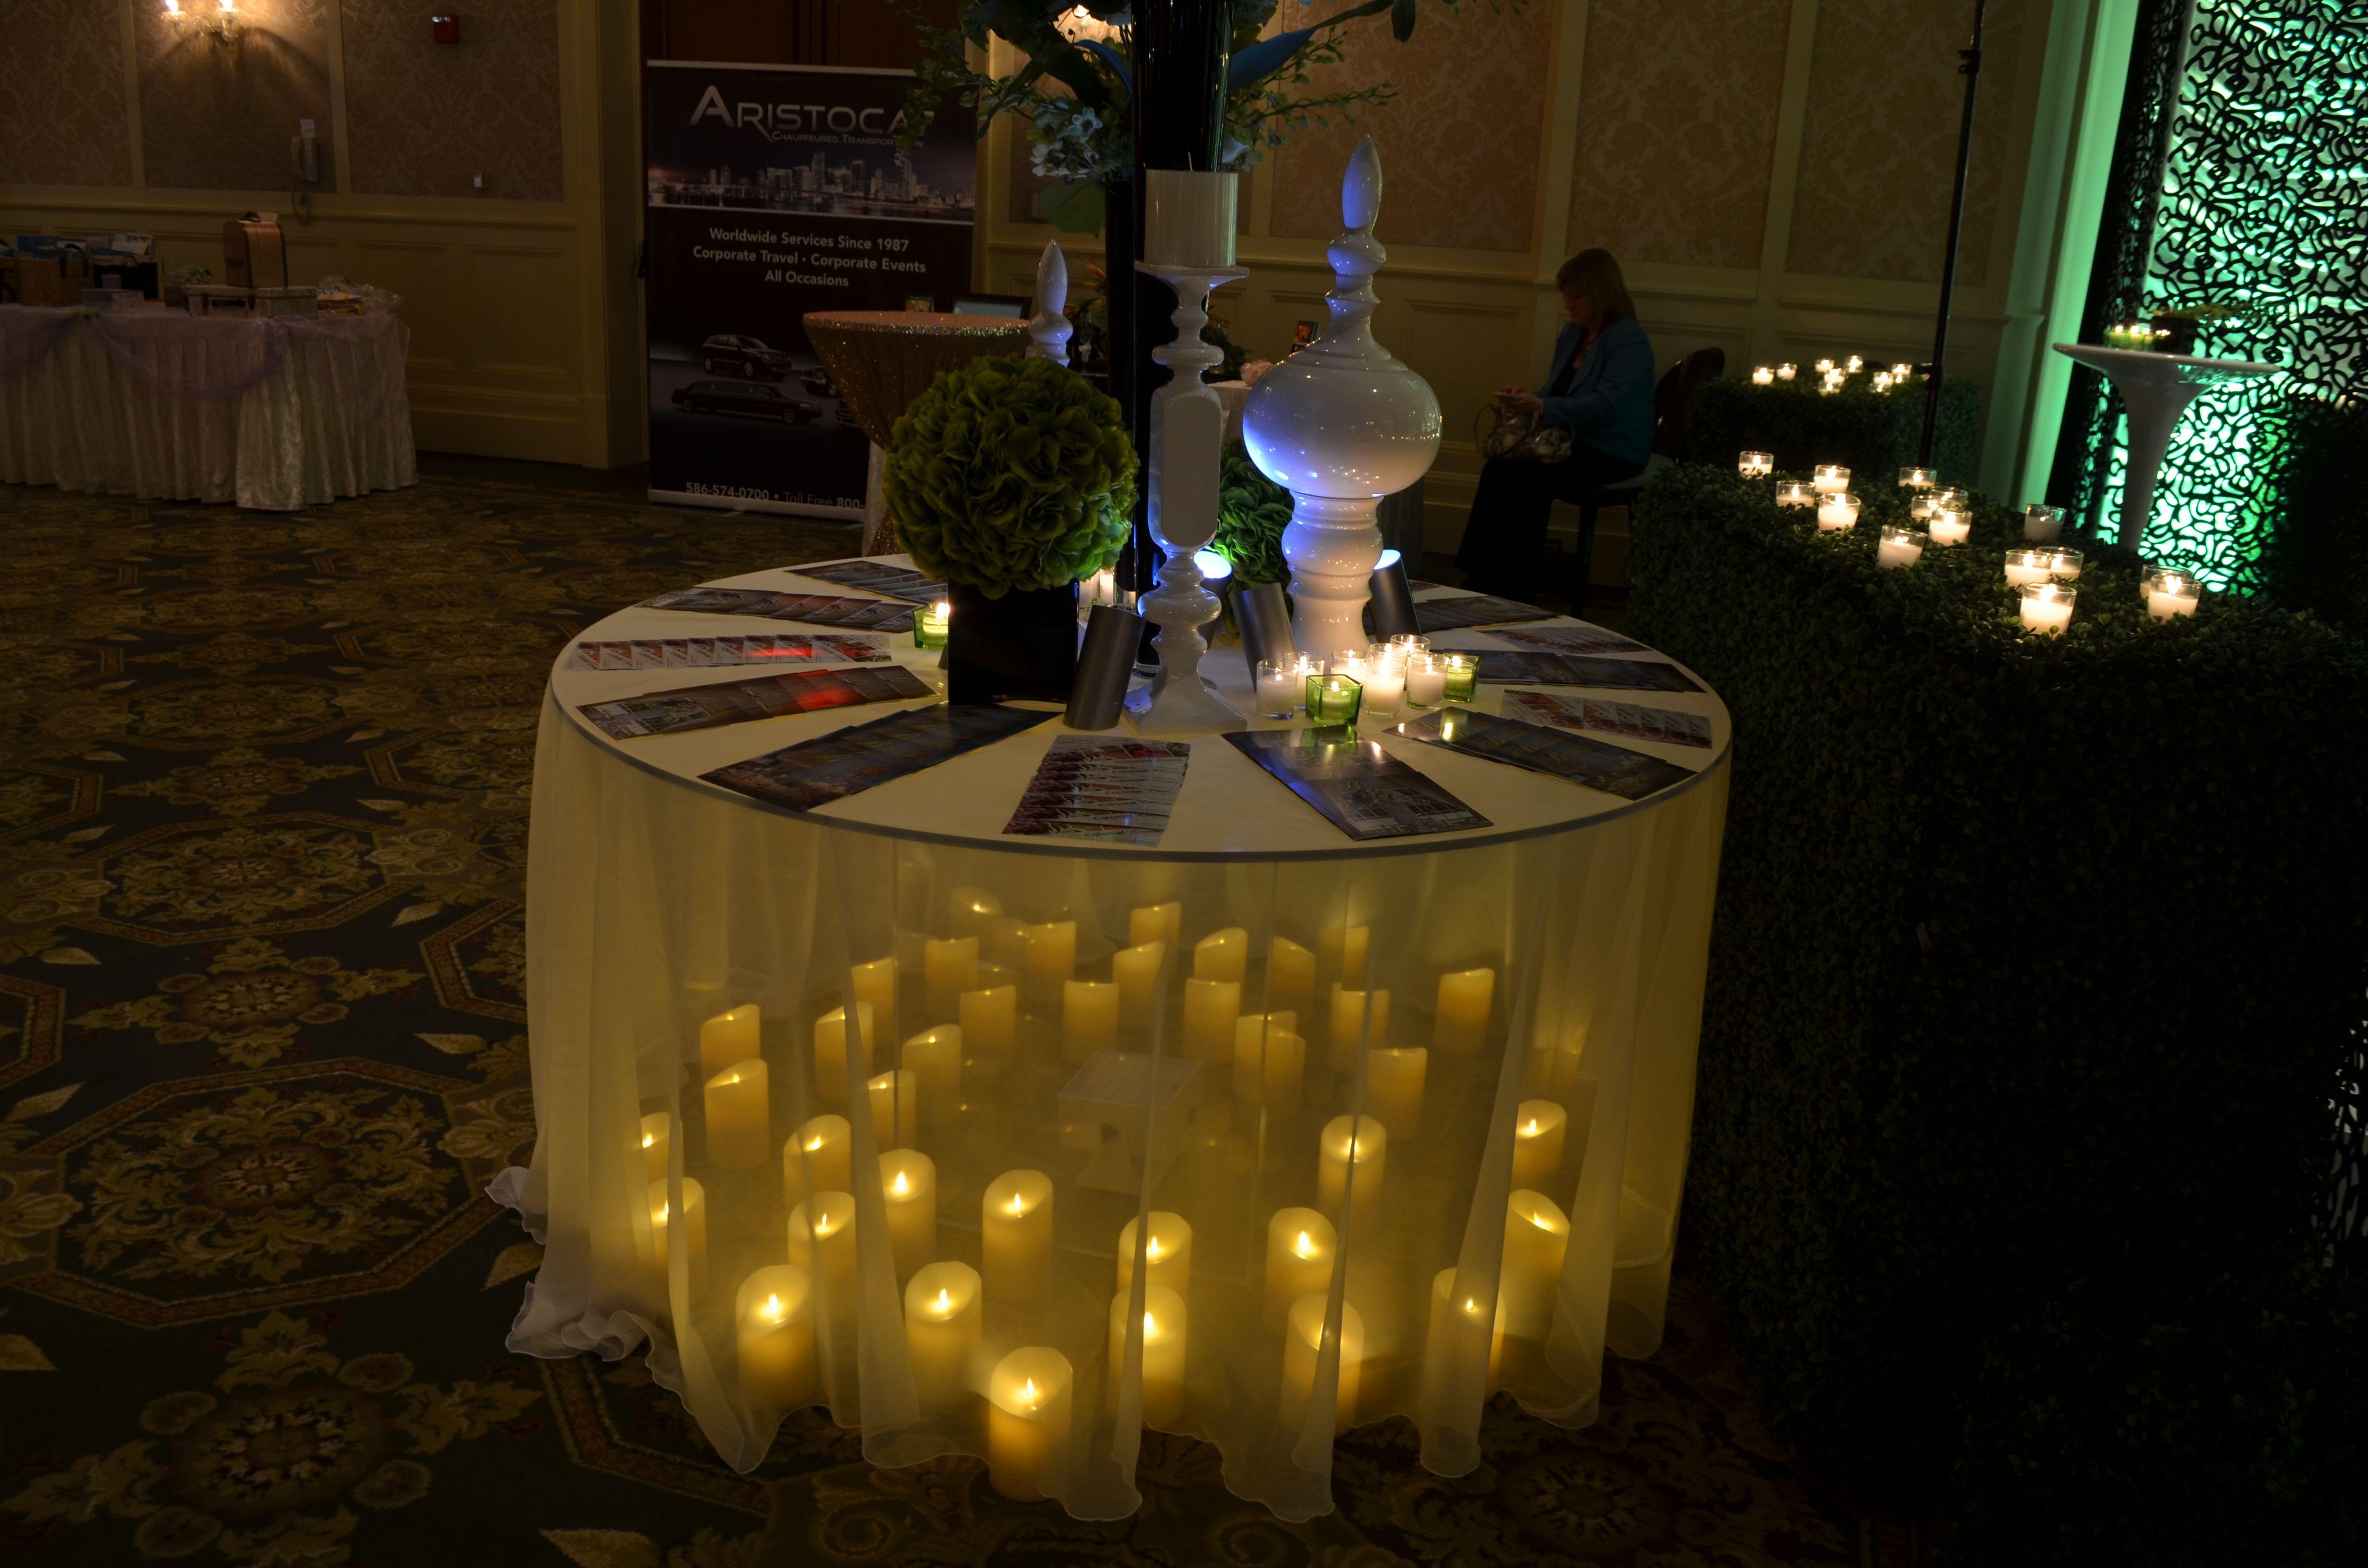 Candlelit Table Decor - #candlelight #candlelit #tabledecor #weddingdecor #MichiganWeddings #ColonialEvents